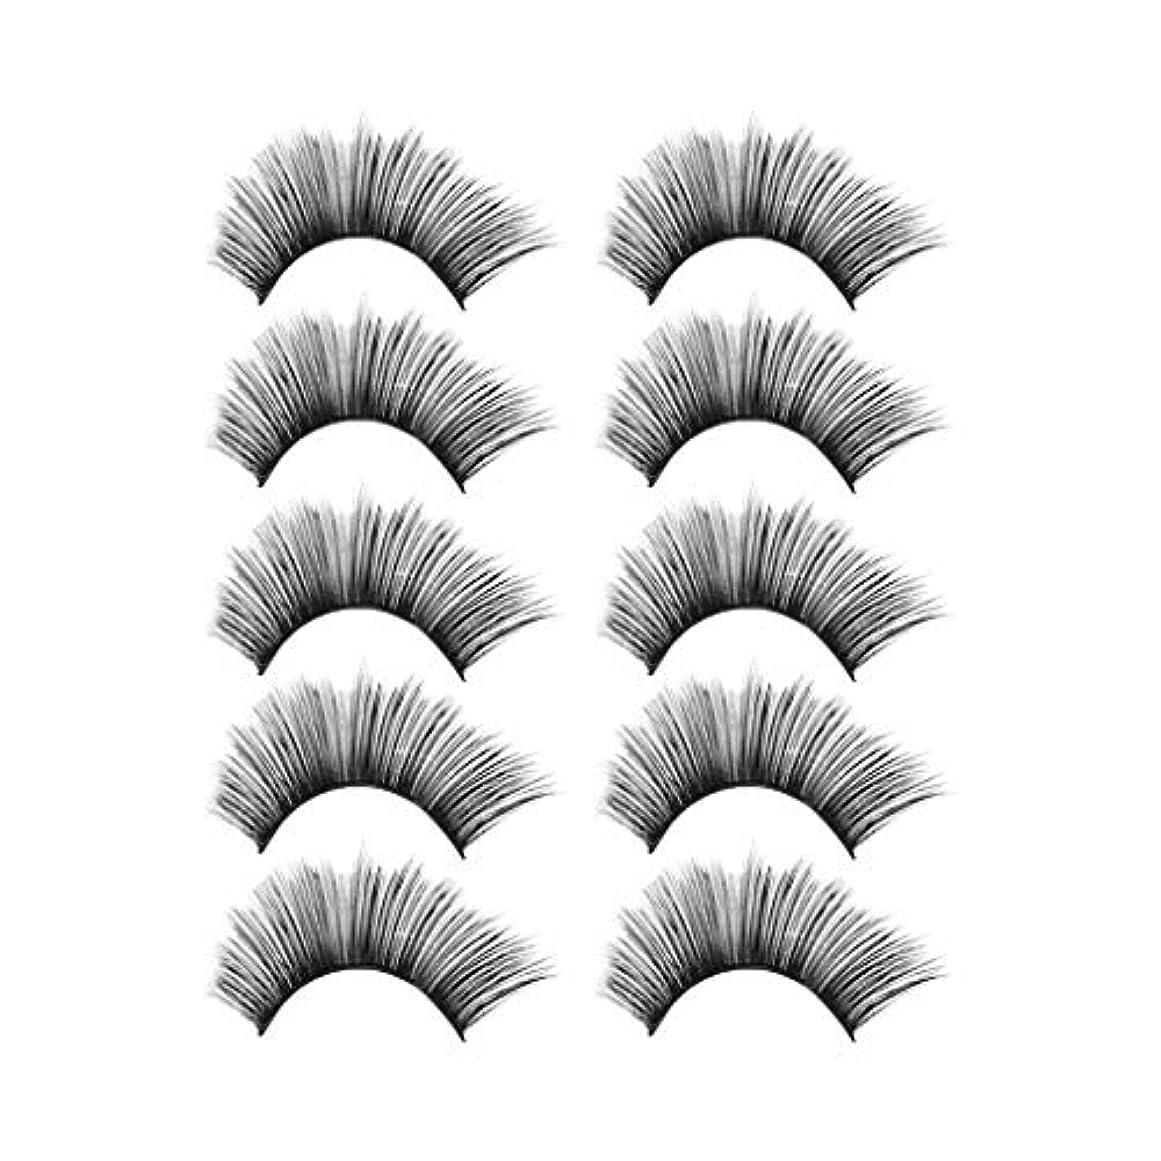 アドバンテージファンシー出発する贅沢な構造5Pair 3Dのまつげふわふわのストリップまつげの長く自然な党